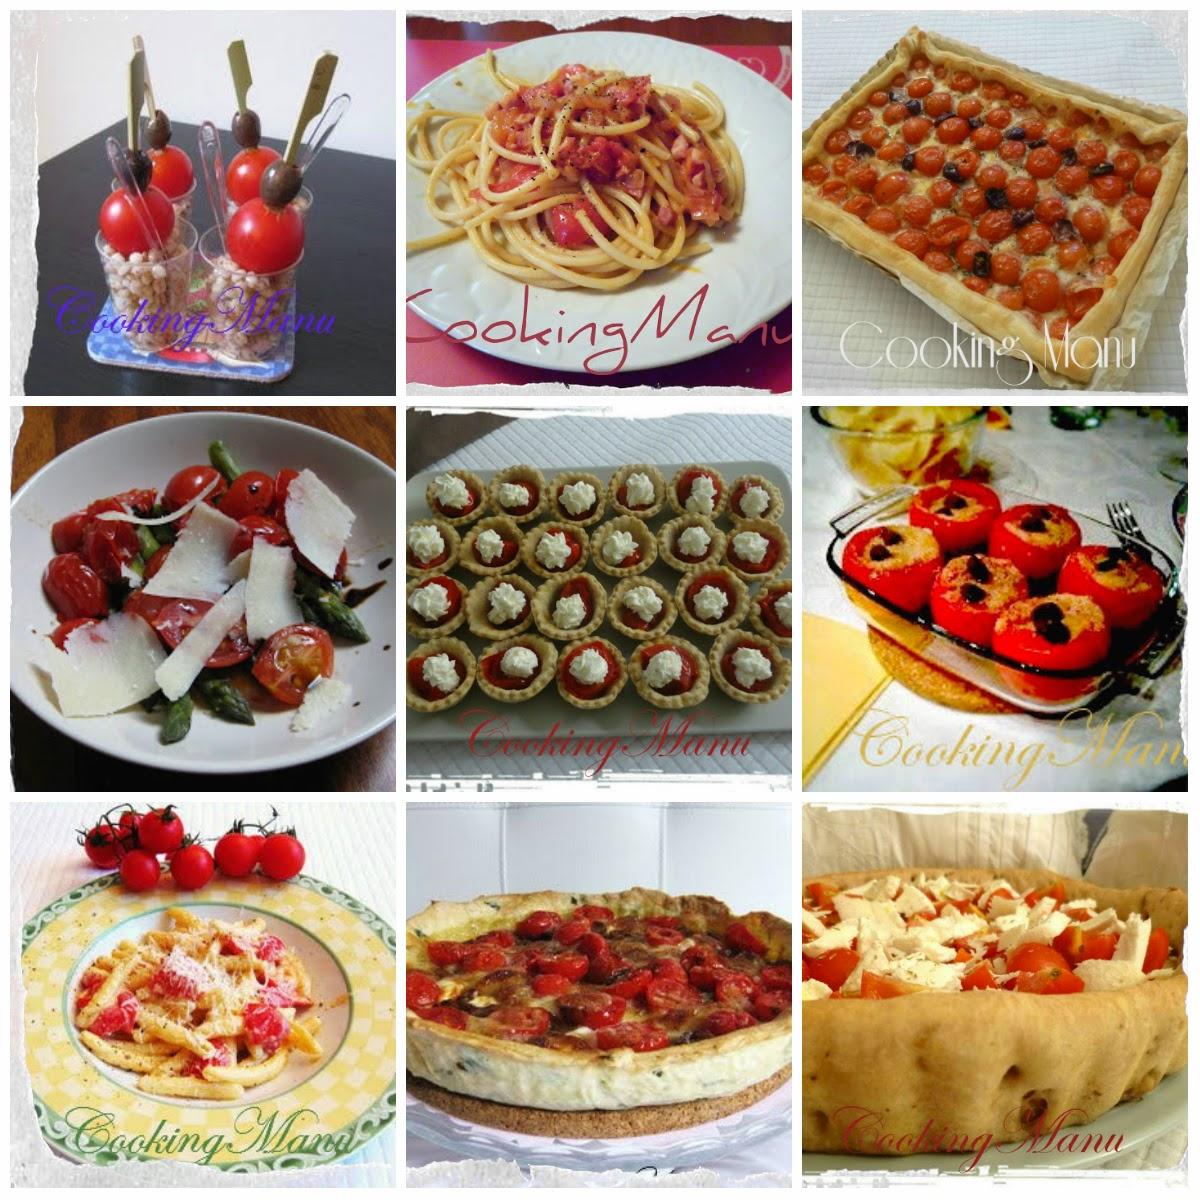 oda al tomate - ode al pomodoro - ode to tomatoes